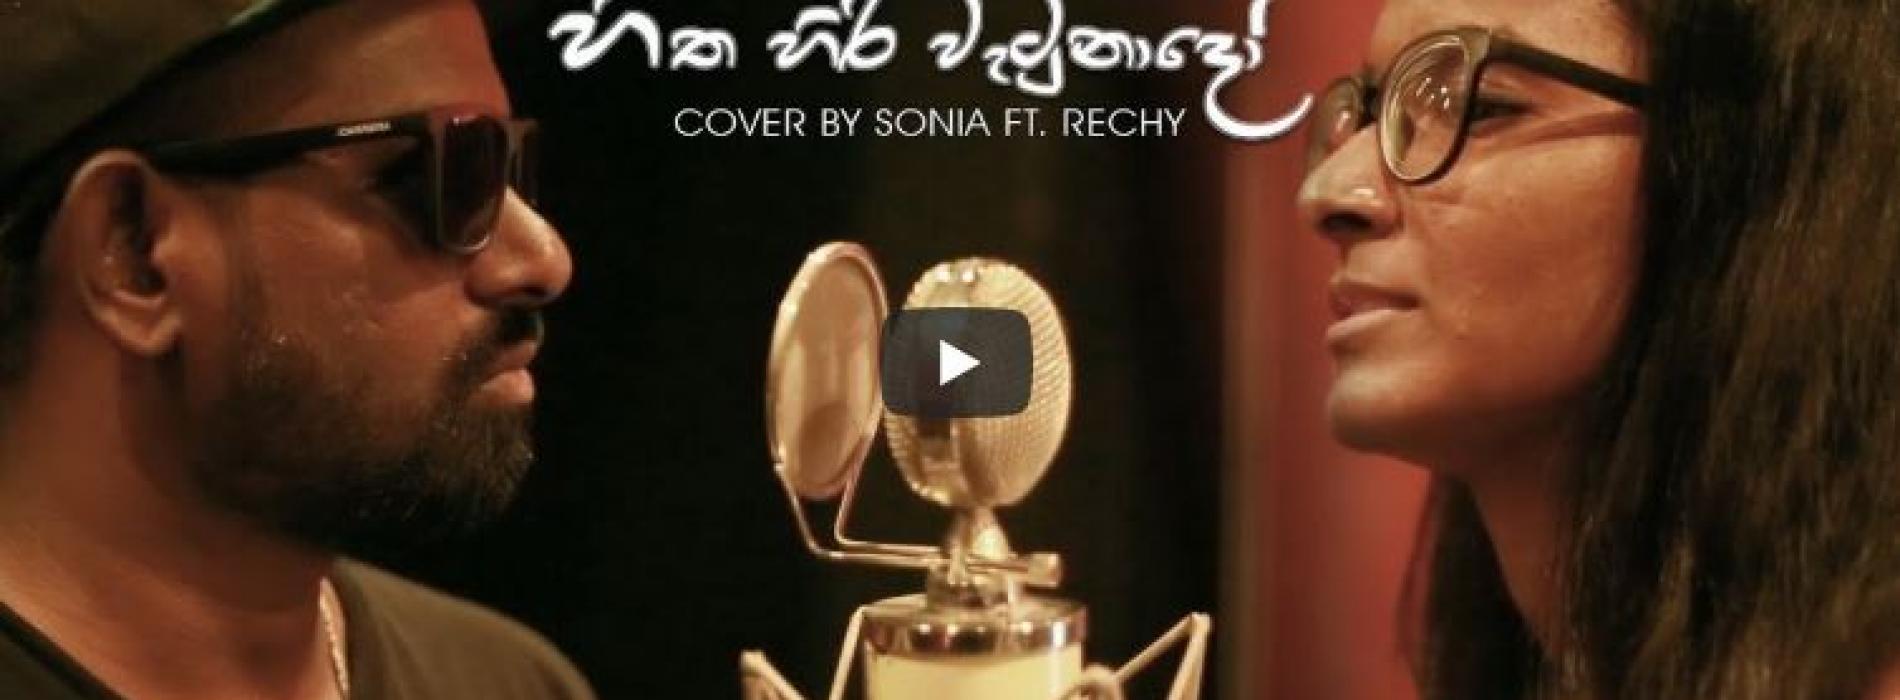 Hitha Hiri Watunado – SONIA Ft RECHY ( Bachi Susan & Ashanthi Cover )